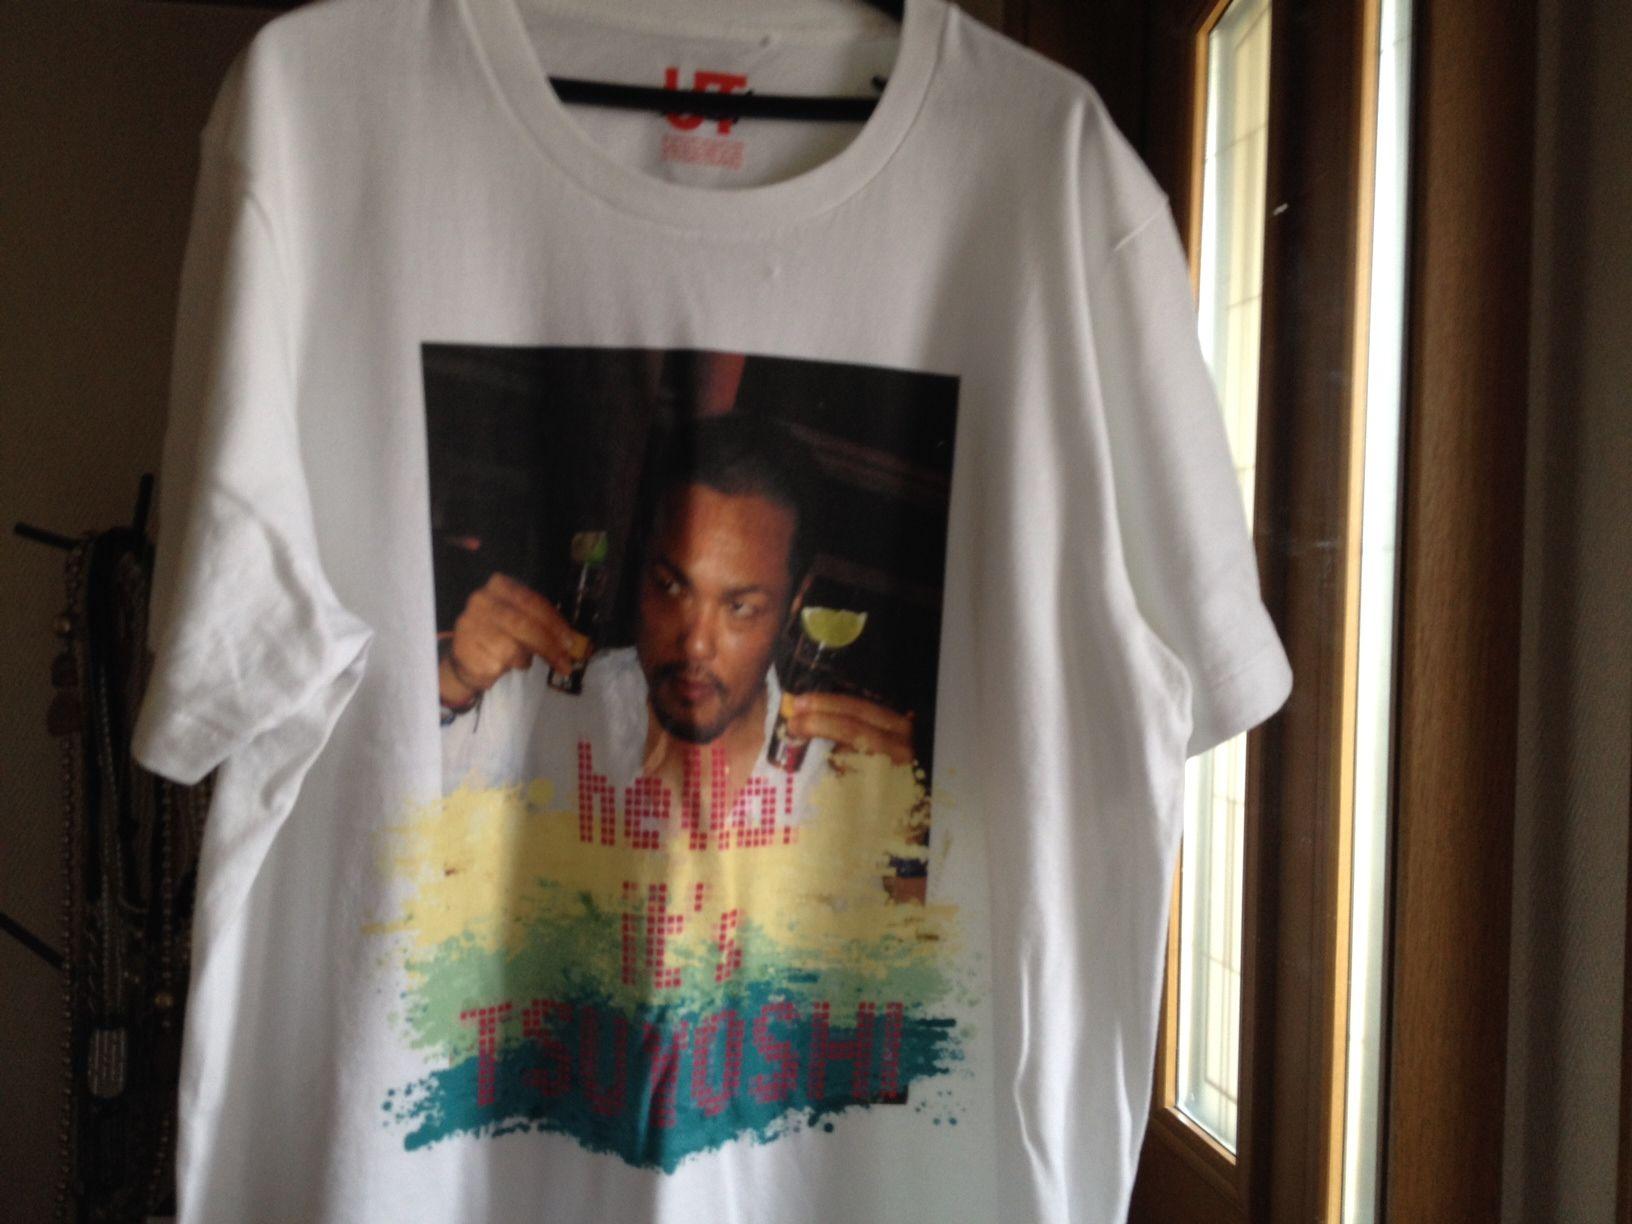 ユニクロの「UTme!」で作ったTシャツ